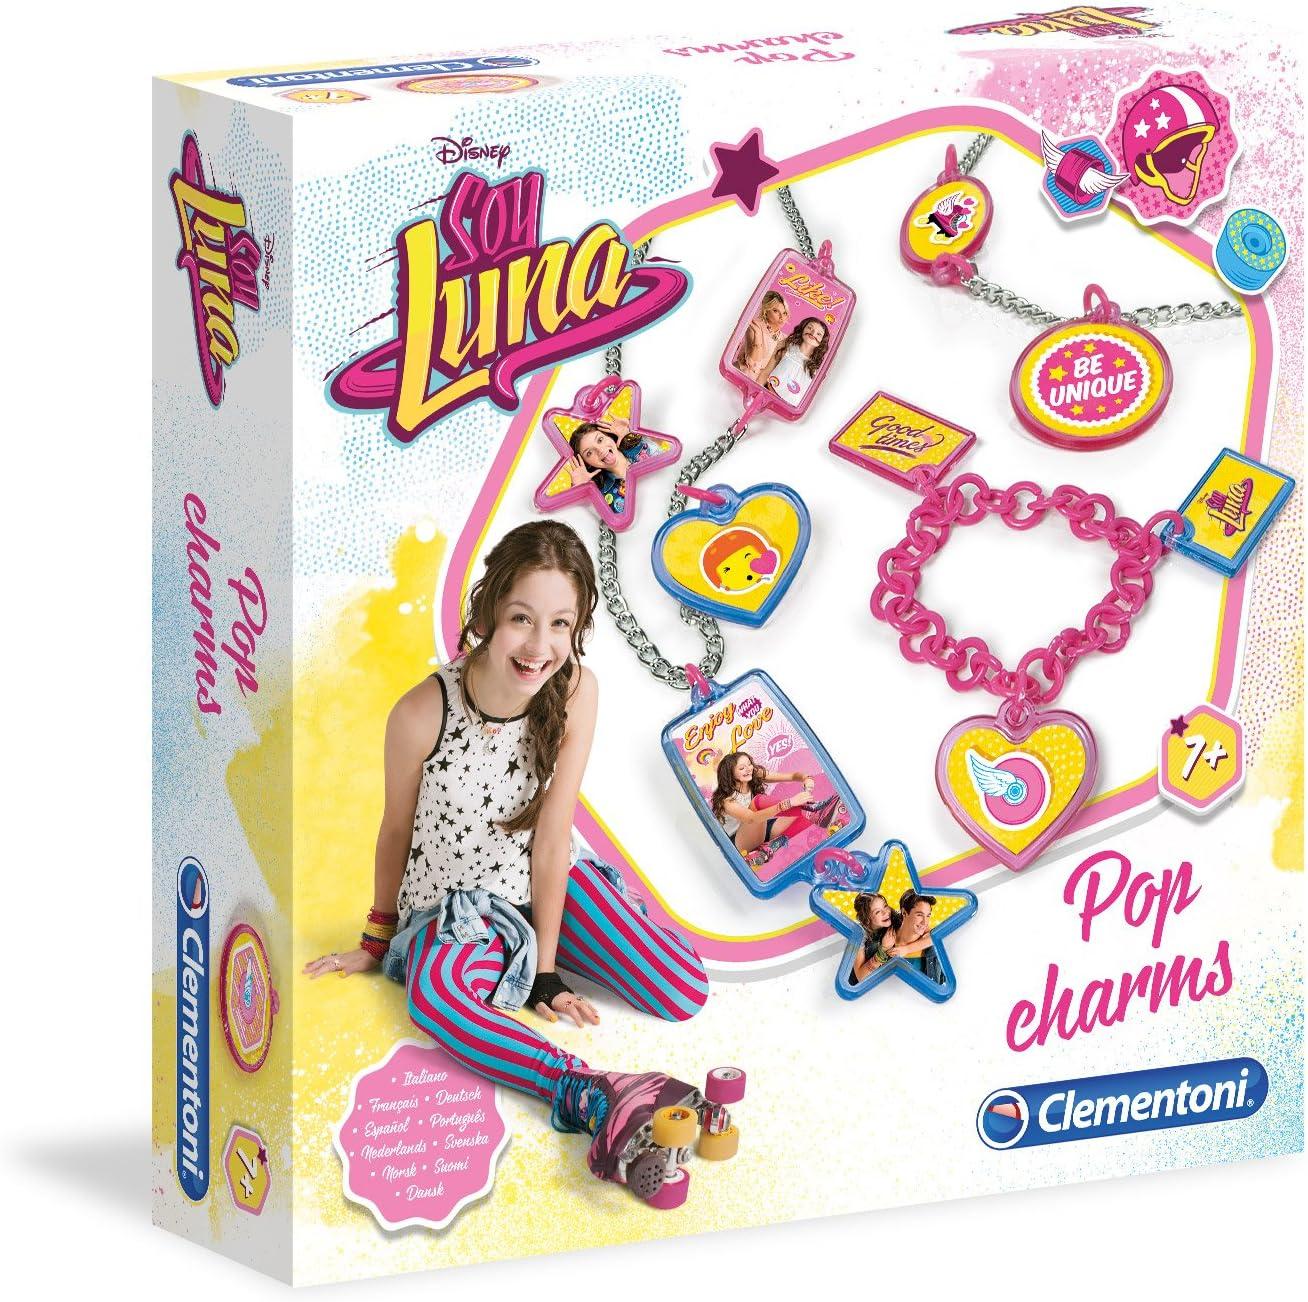 Clementoni Soy Luna - Kit de Crear Collares 15161.5: Amazon.es: Juguetes y juegos